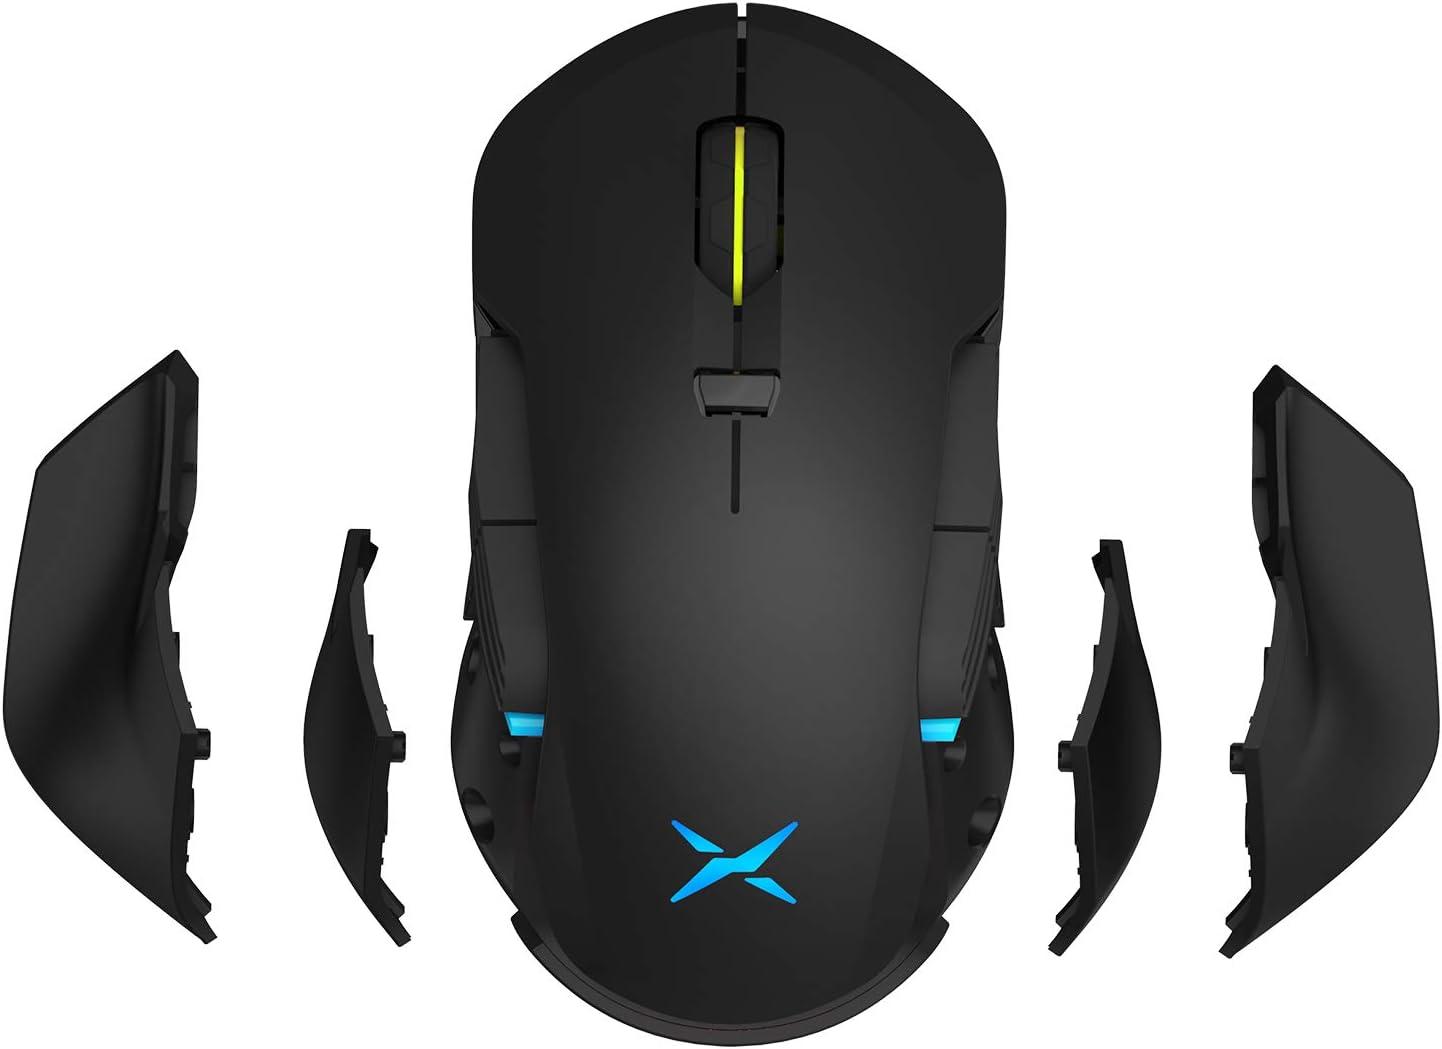 Ratón Gaming inalámbrico/cableado, DELUX Ratón para juegos de PC, 16000DPI, 16.8 millones RGB Color Backlit, Peso y equilibrio ajustables, ambas manos ratón, controles personalizados